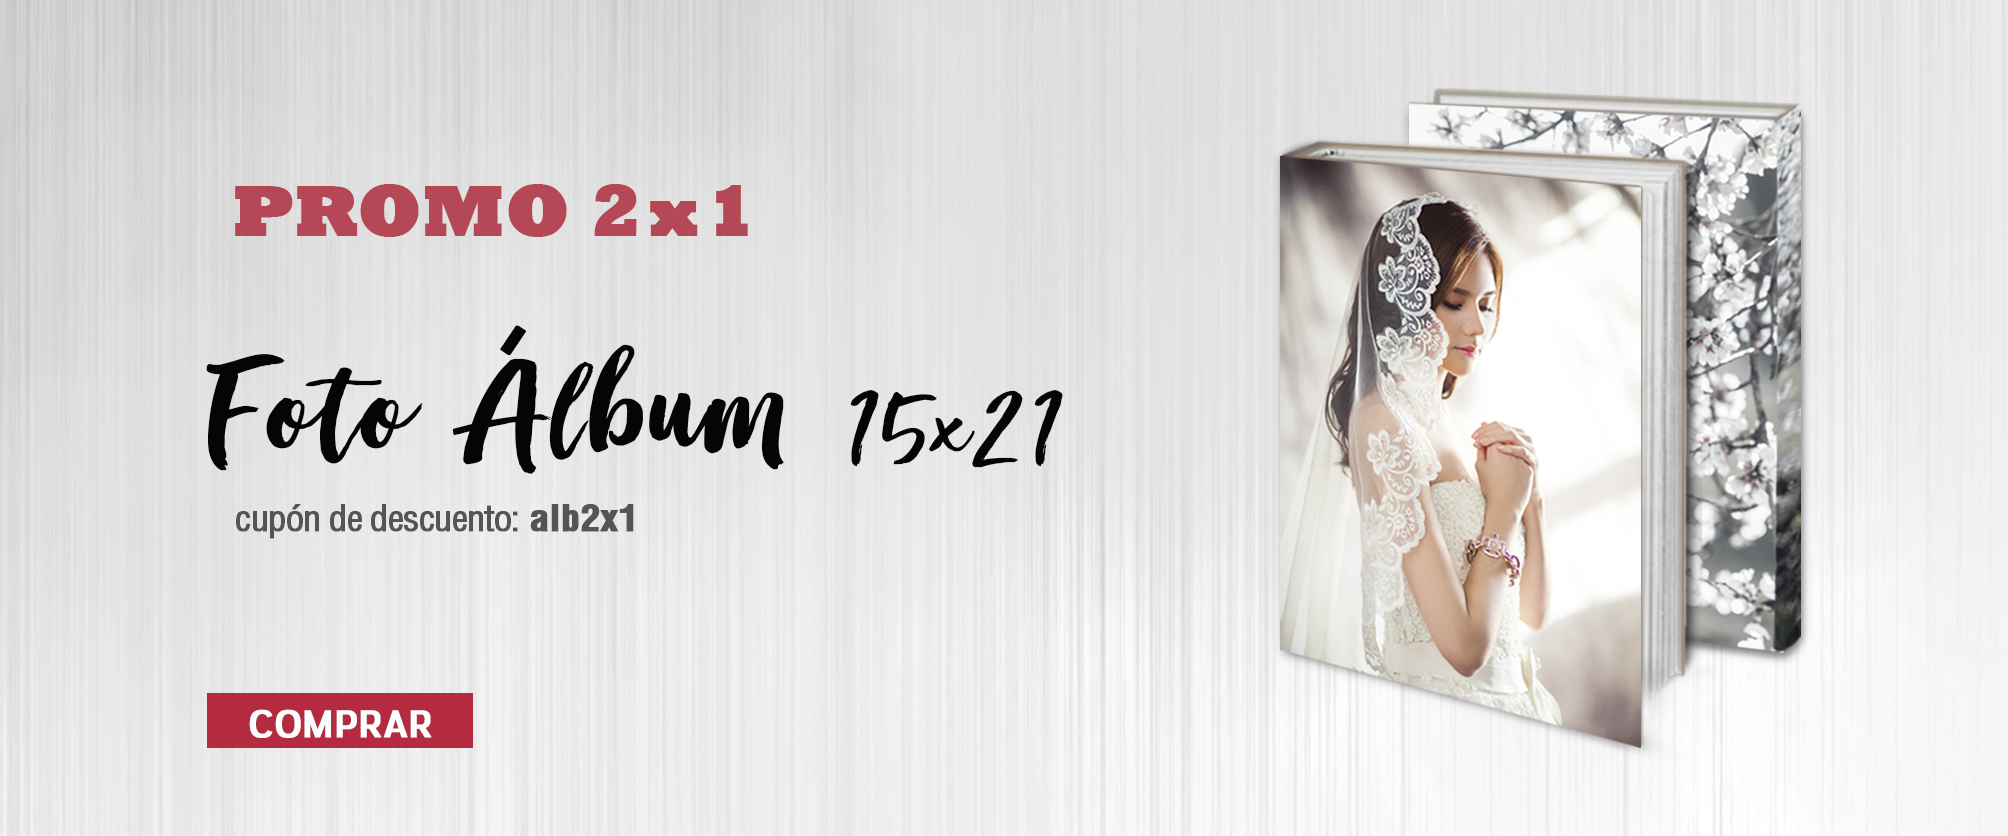 BANNER_2x1fotoalbum15x21-2